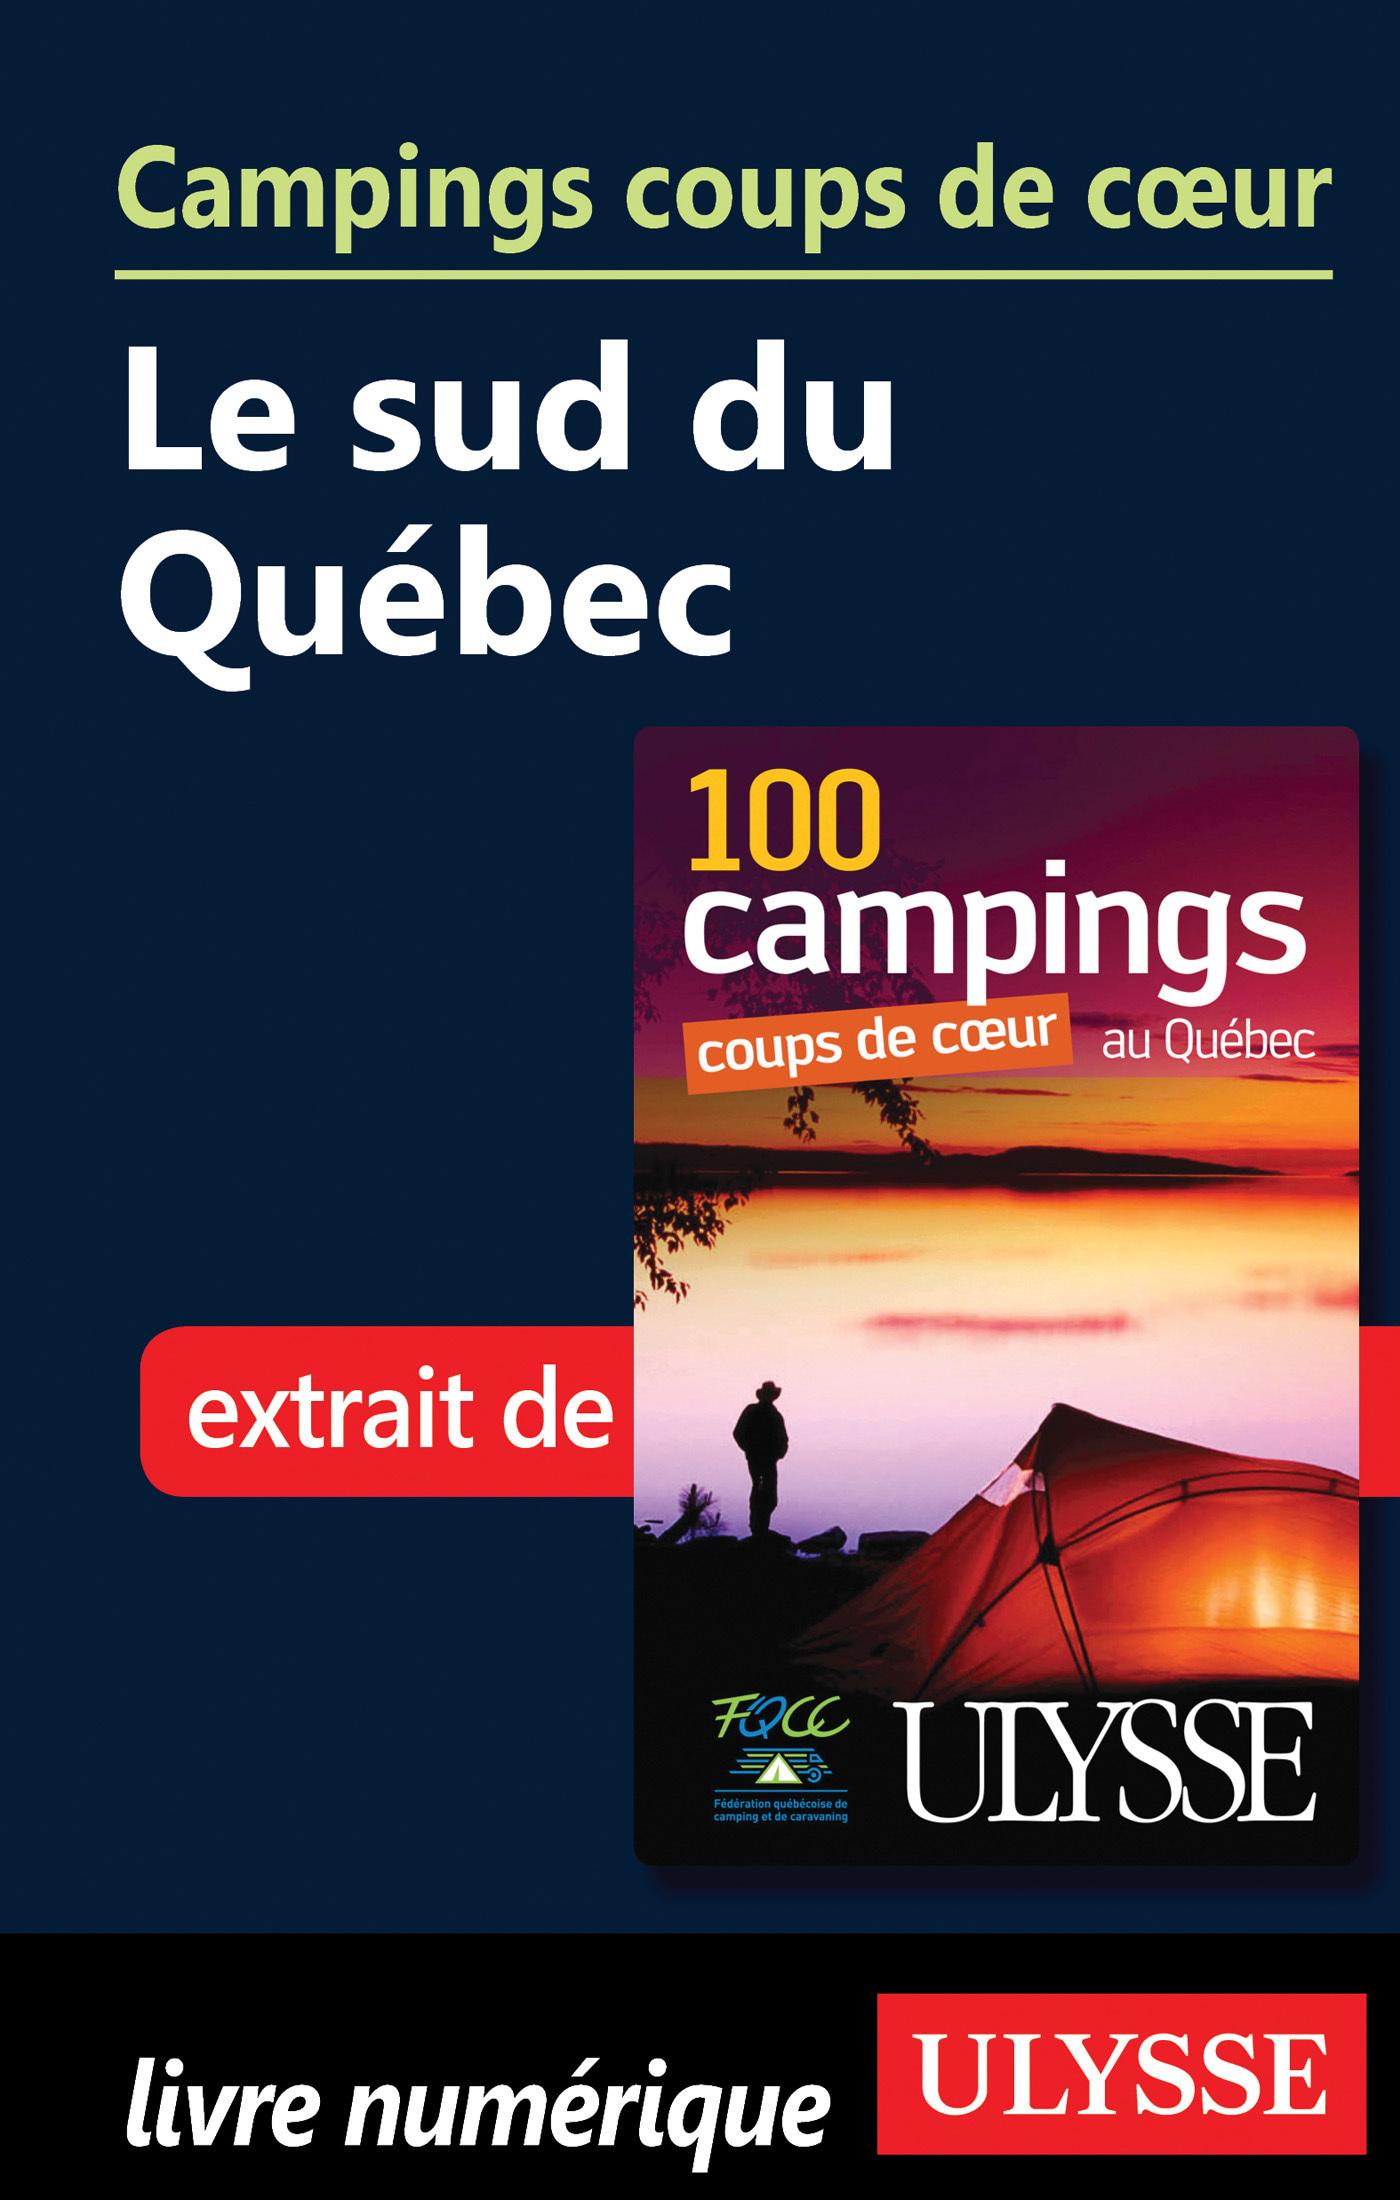 Campings coups de coeur - Le Sud du Québec